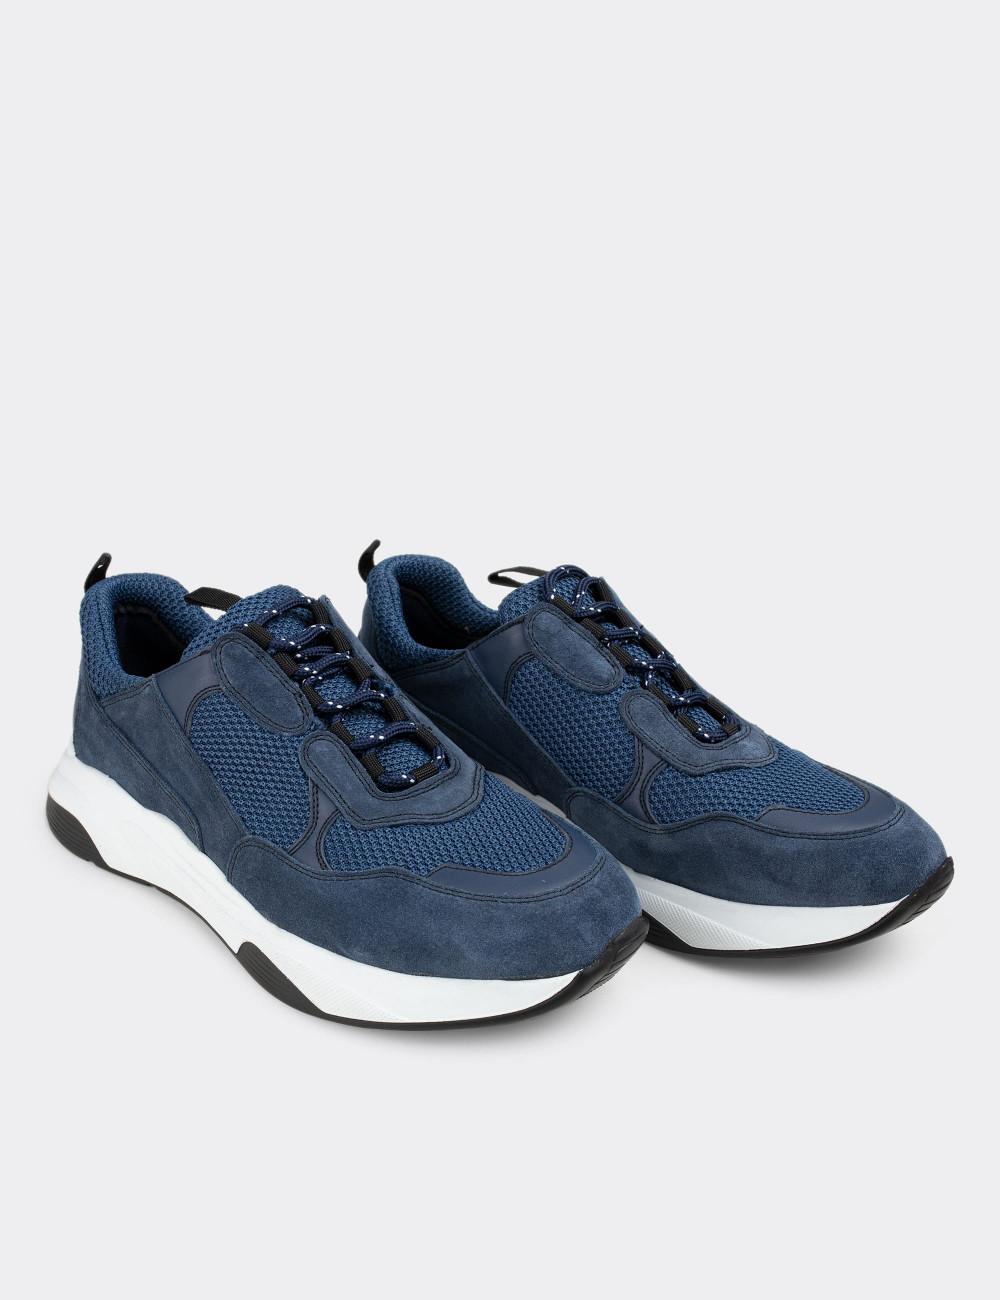 Hakiki Süet Mavi Sneaker Erkek Ayakkabı - 01724MMVIE01